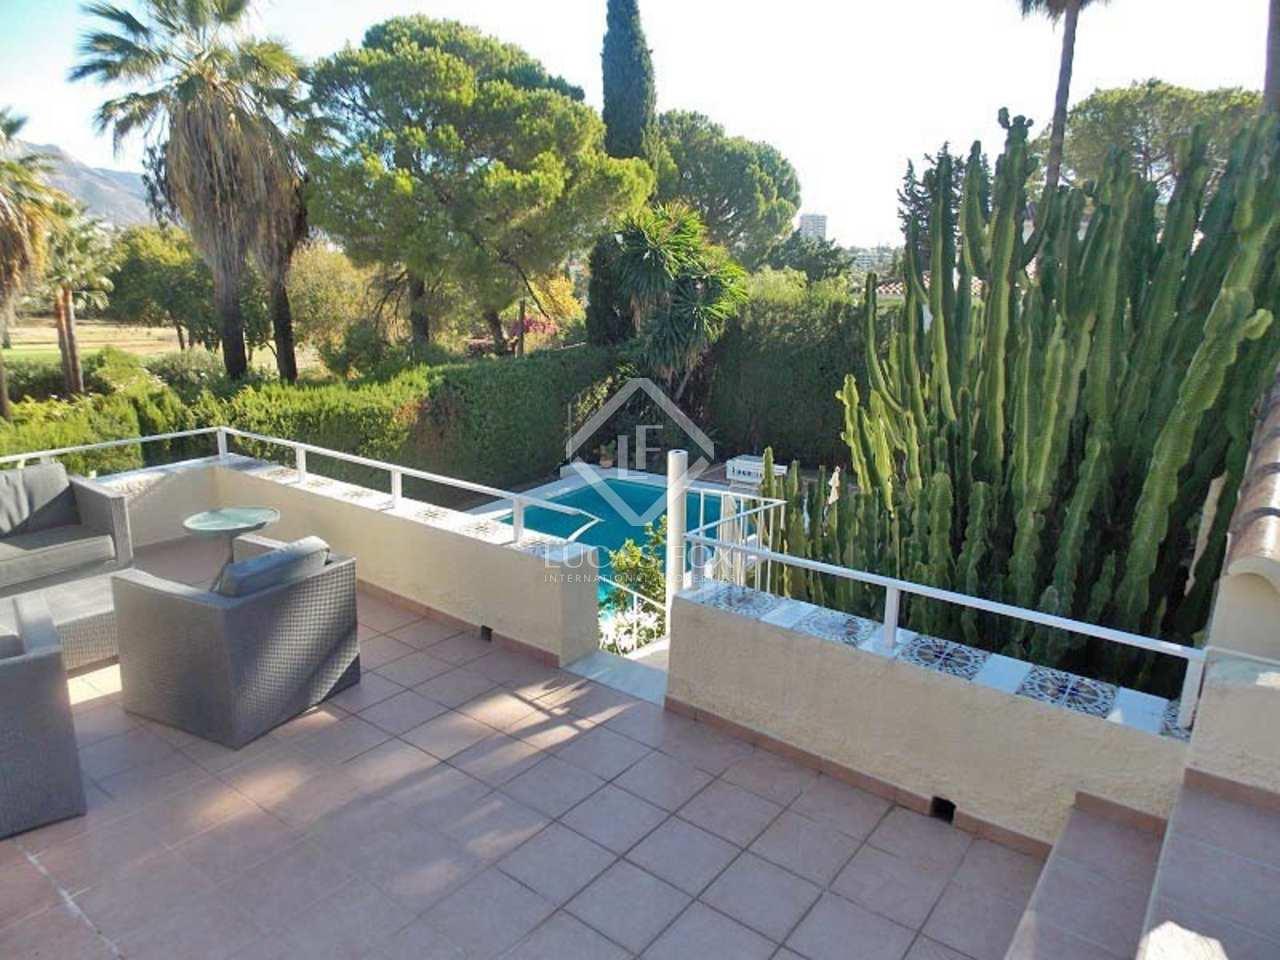 Maison villa de 350m a vendre nueva andaluc a avec 1 for Jardin anglais caracteristiques